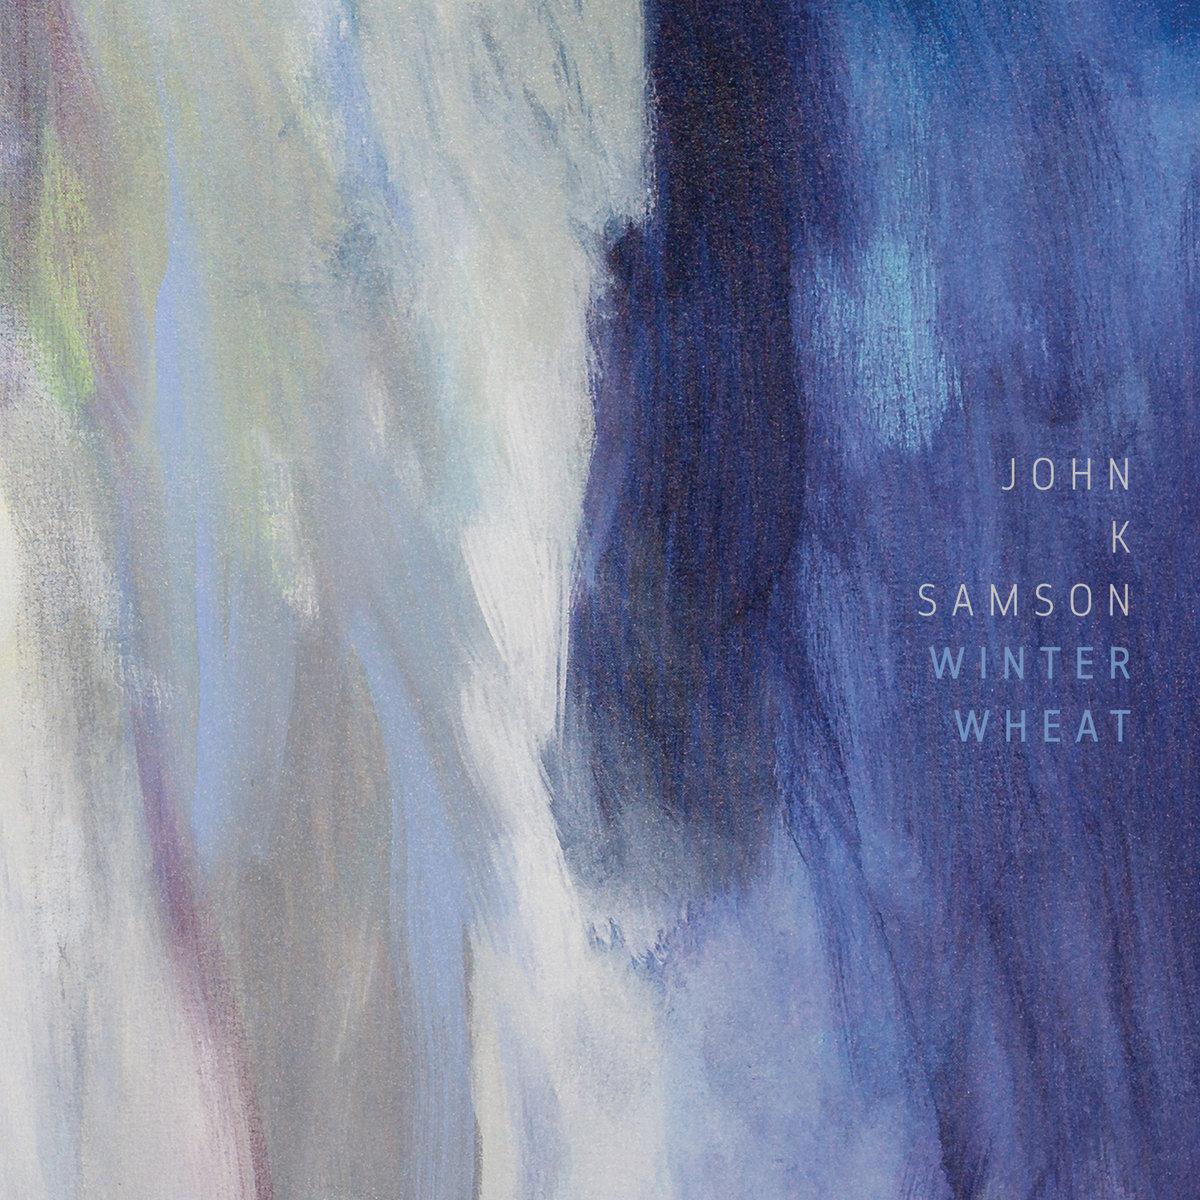 john k samson winter wheat cover art